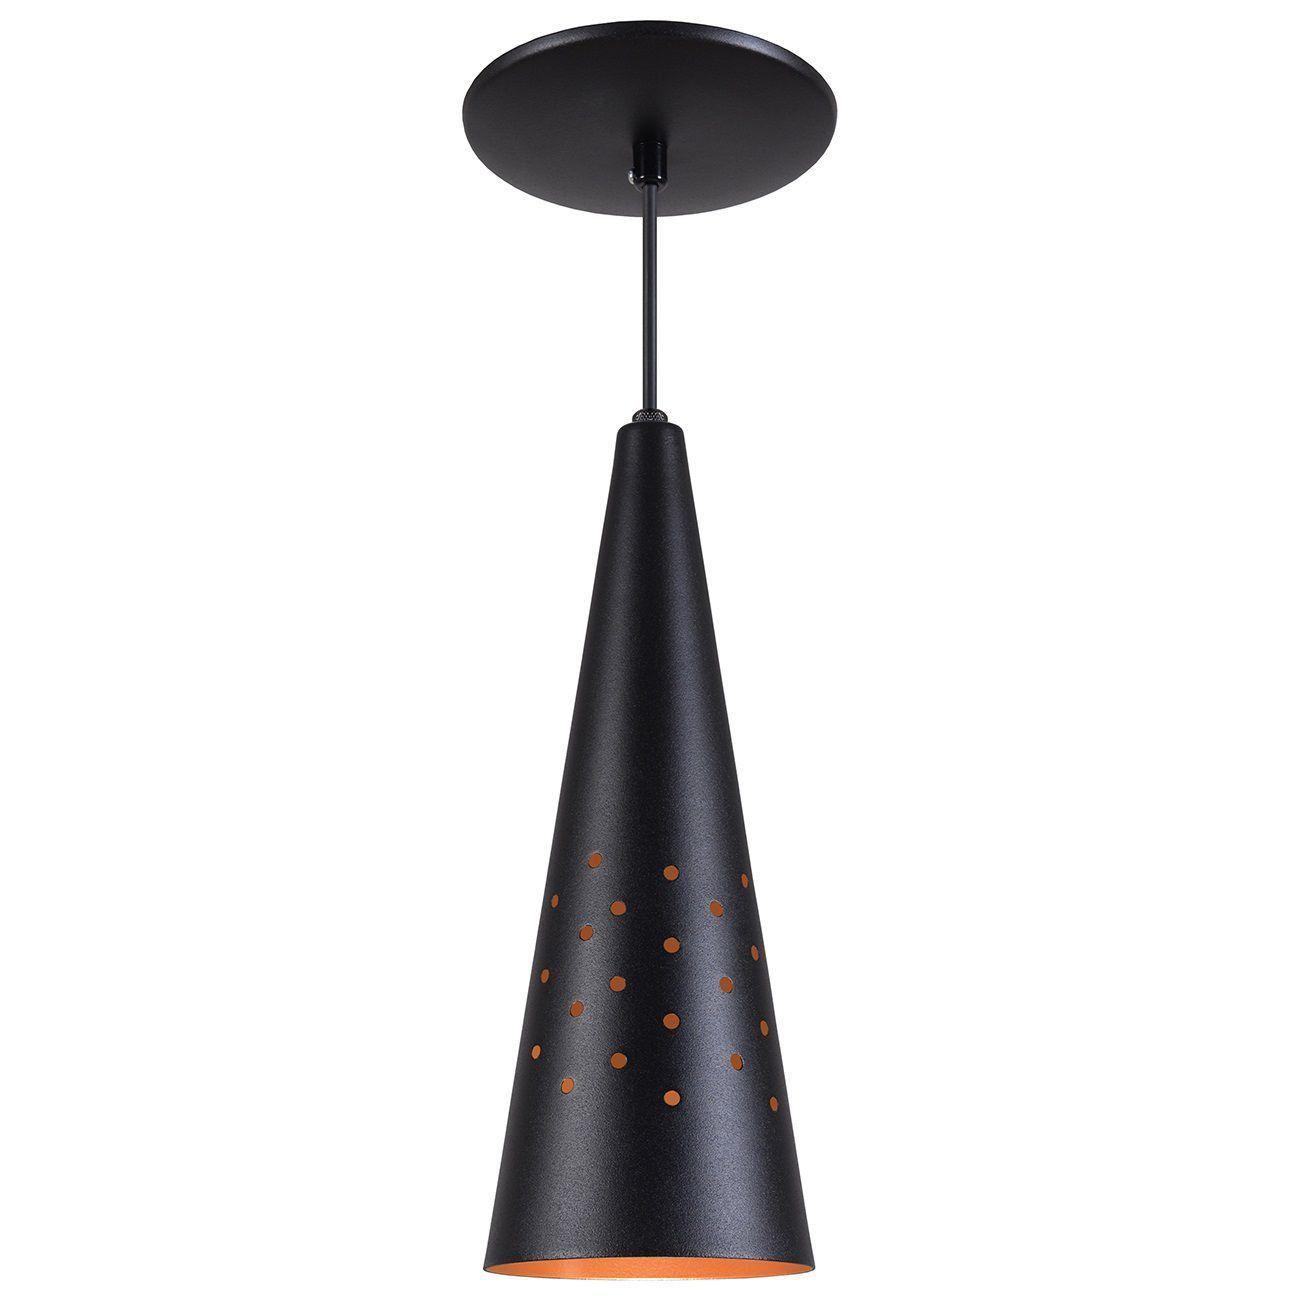 Pendente Cone Furado Luminária Lustre Alumínio Preto Textura C/ Cobre - Rei Da Iluminação